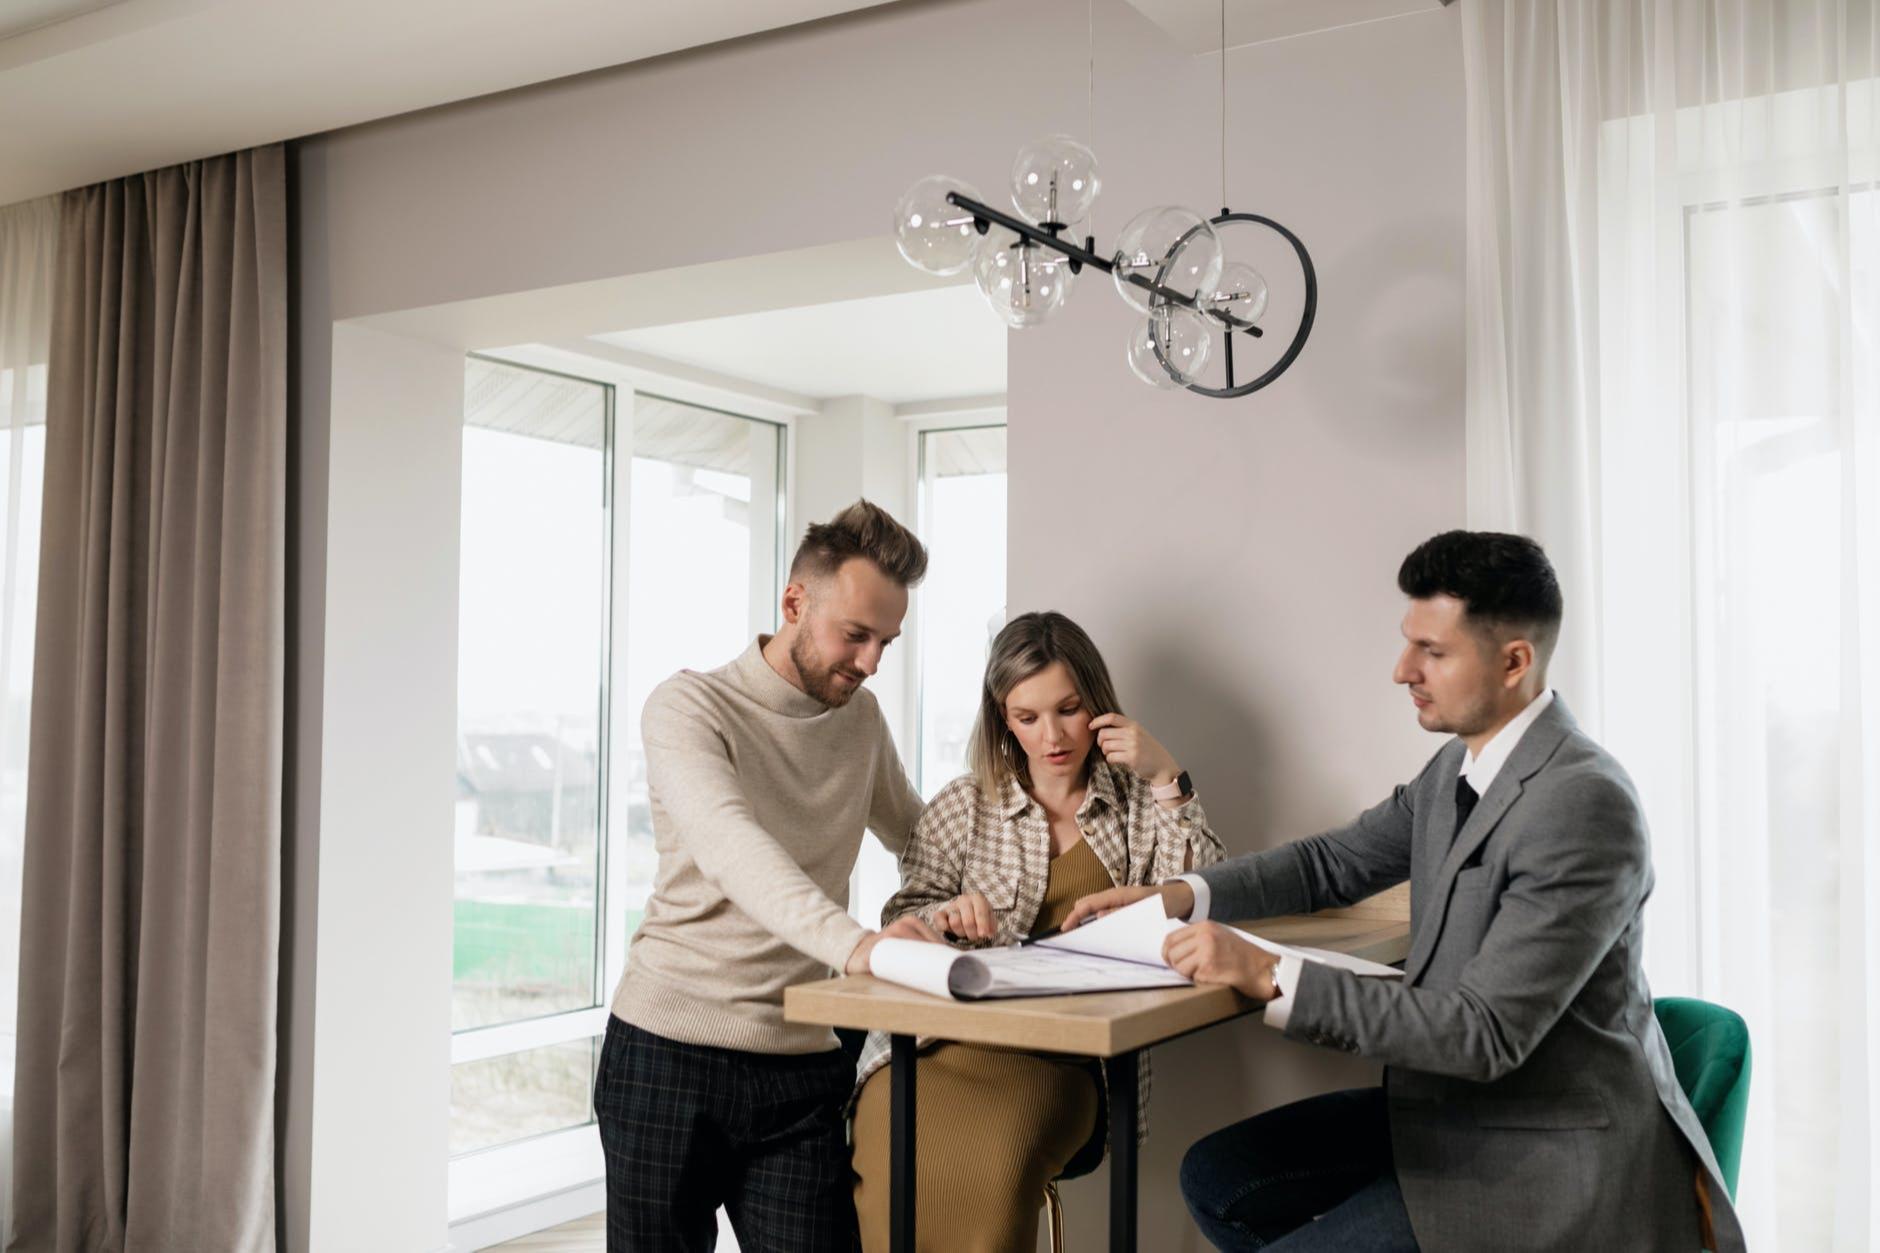 С потенциальными покупателями продавец должен вести себя доброжелательно и отвечать на все вопросы